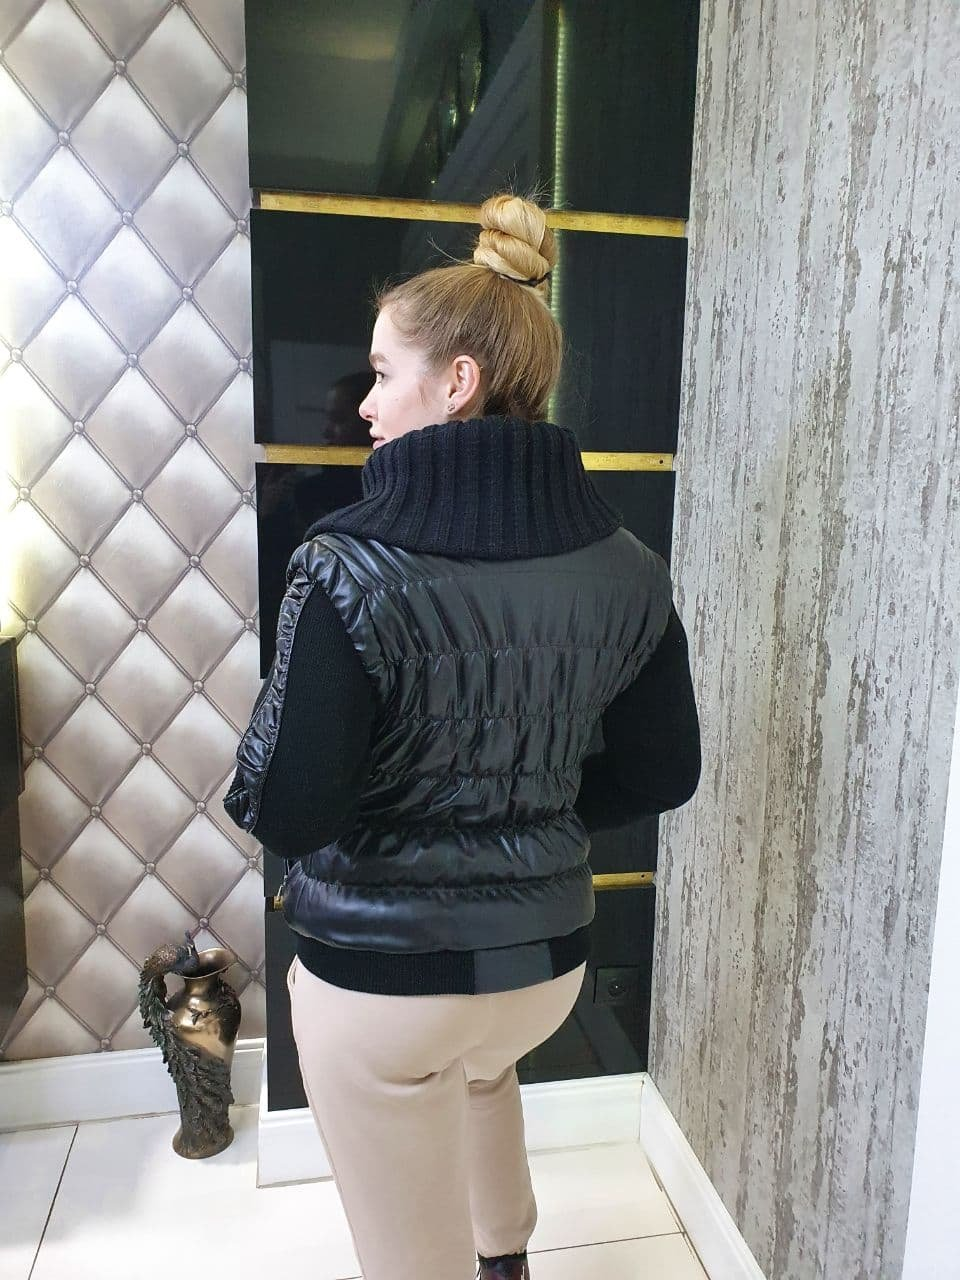 Куртка Весна Резинка 10727 АРТ. 47153 Цвет: Черный - фото 2, интернет магазин tm-modus.ru